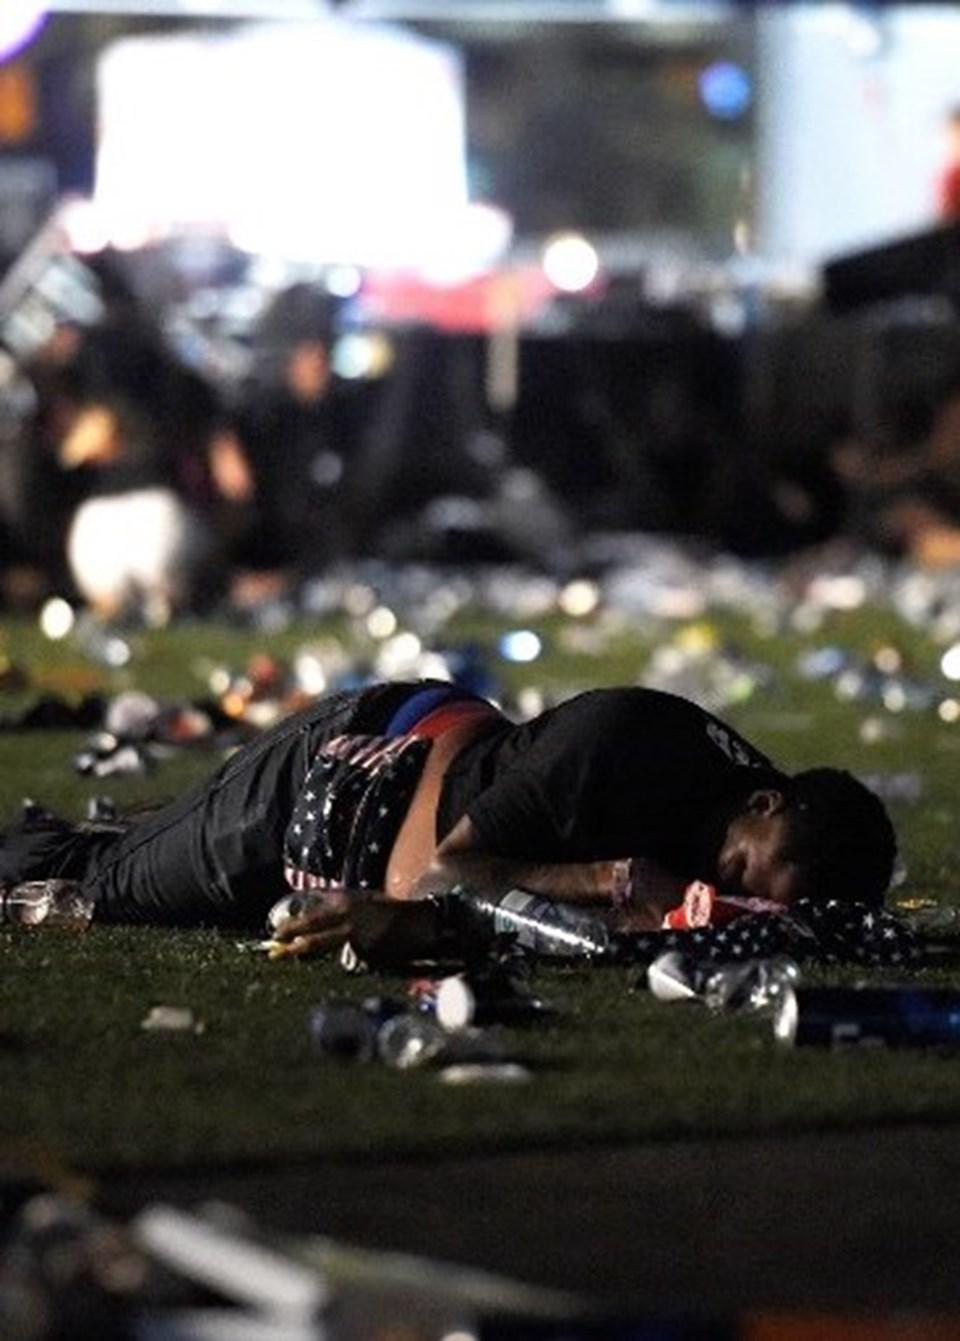 Washington İç Güvenlik Bakanlığı, olayın münferit bir eylem olduğunun düşünüldüğünü, terör şüphesi ve saldırganın işbirlikçileri bulunduğuna dair bir kanıtının var olmadığını duyurdu.